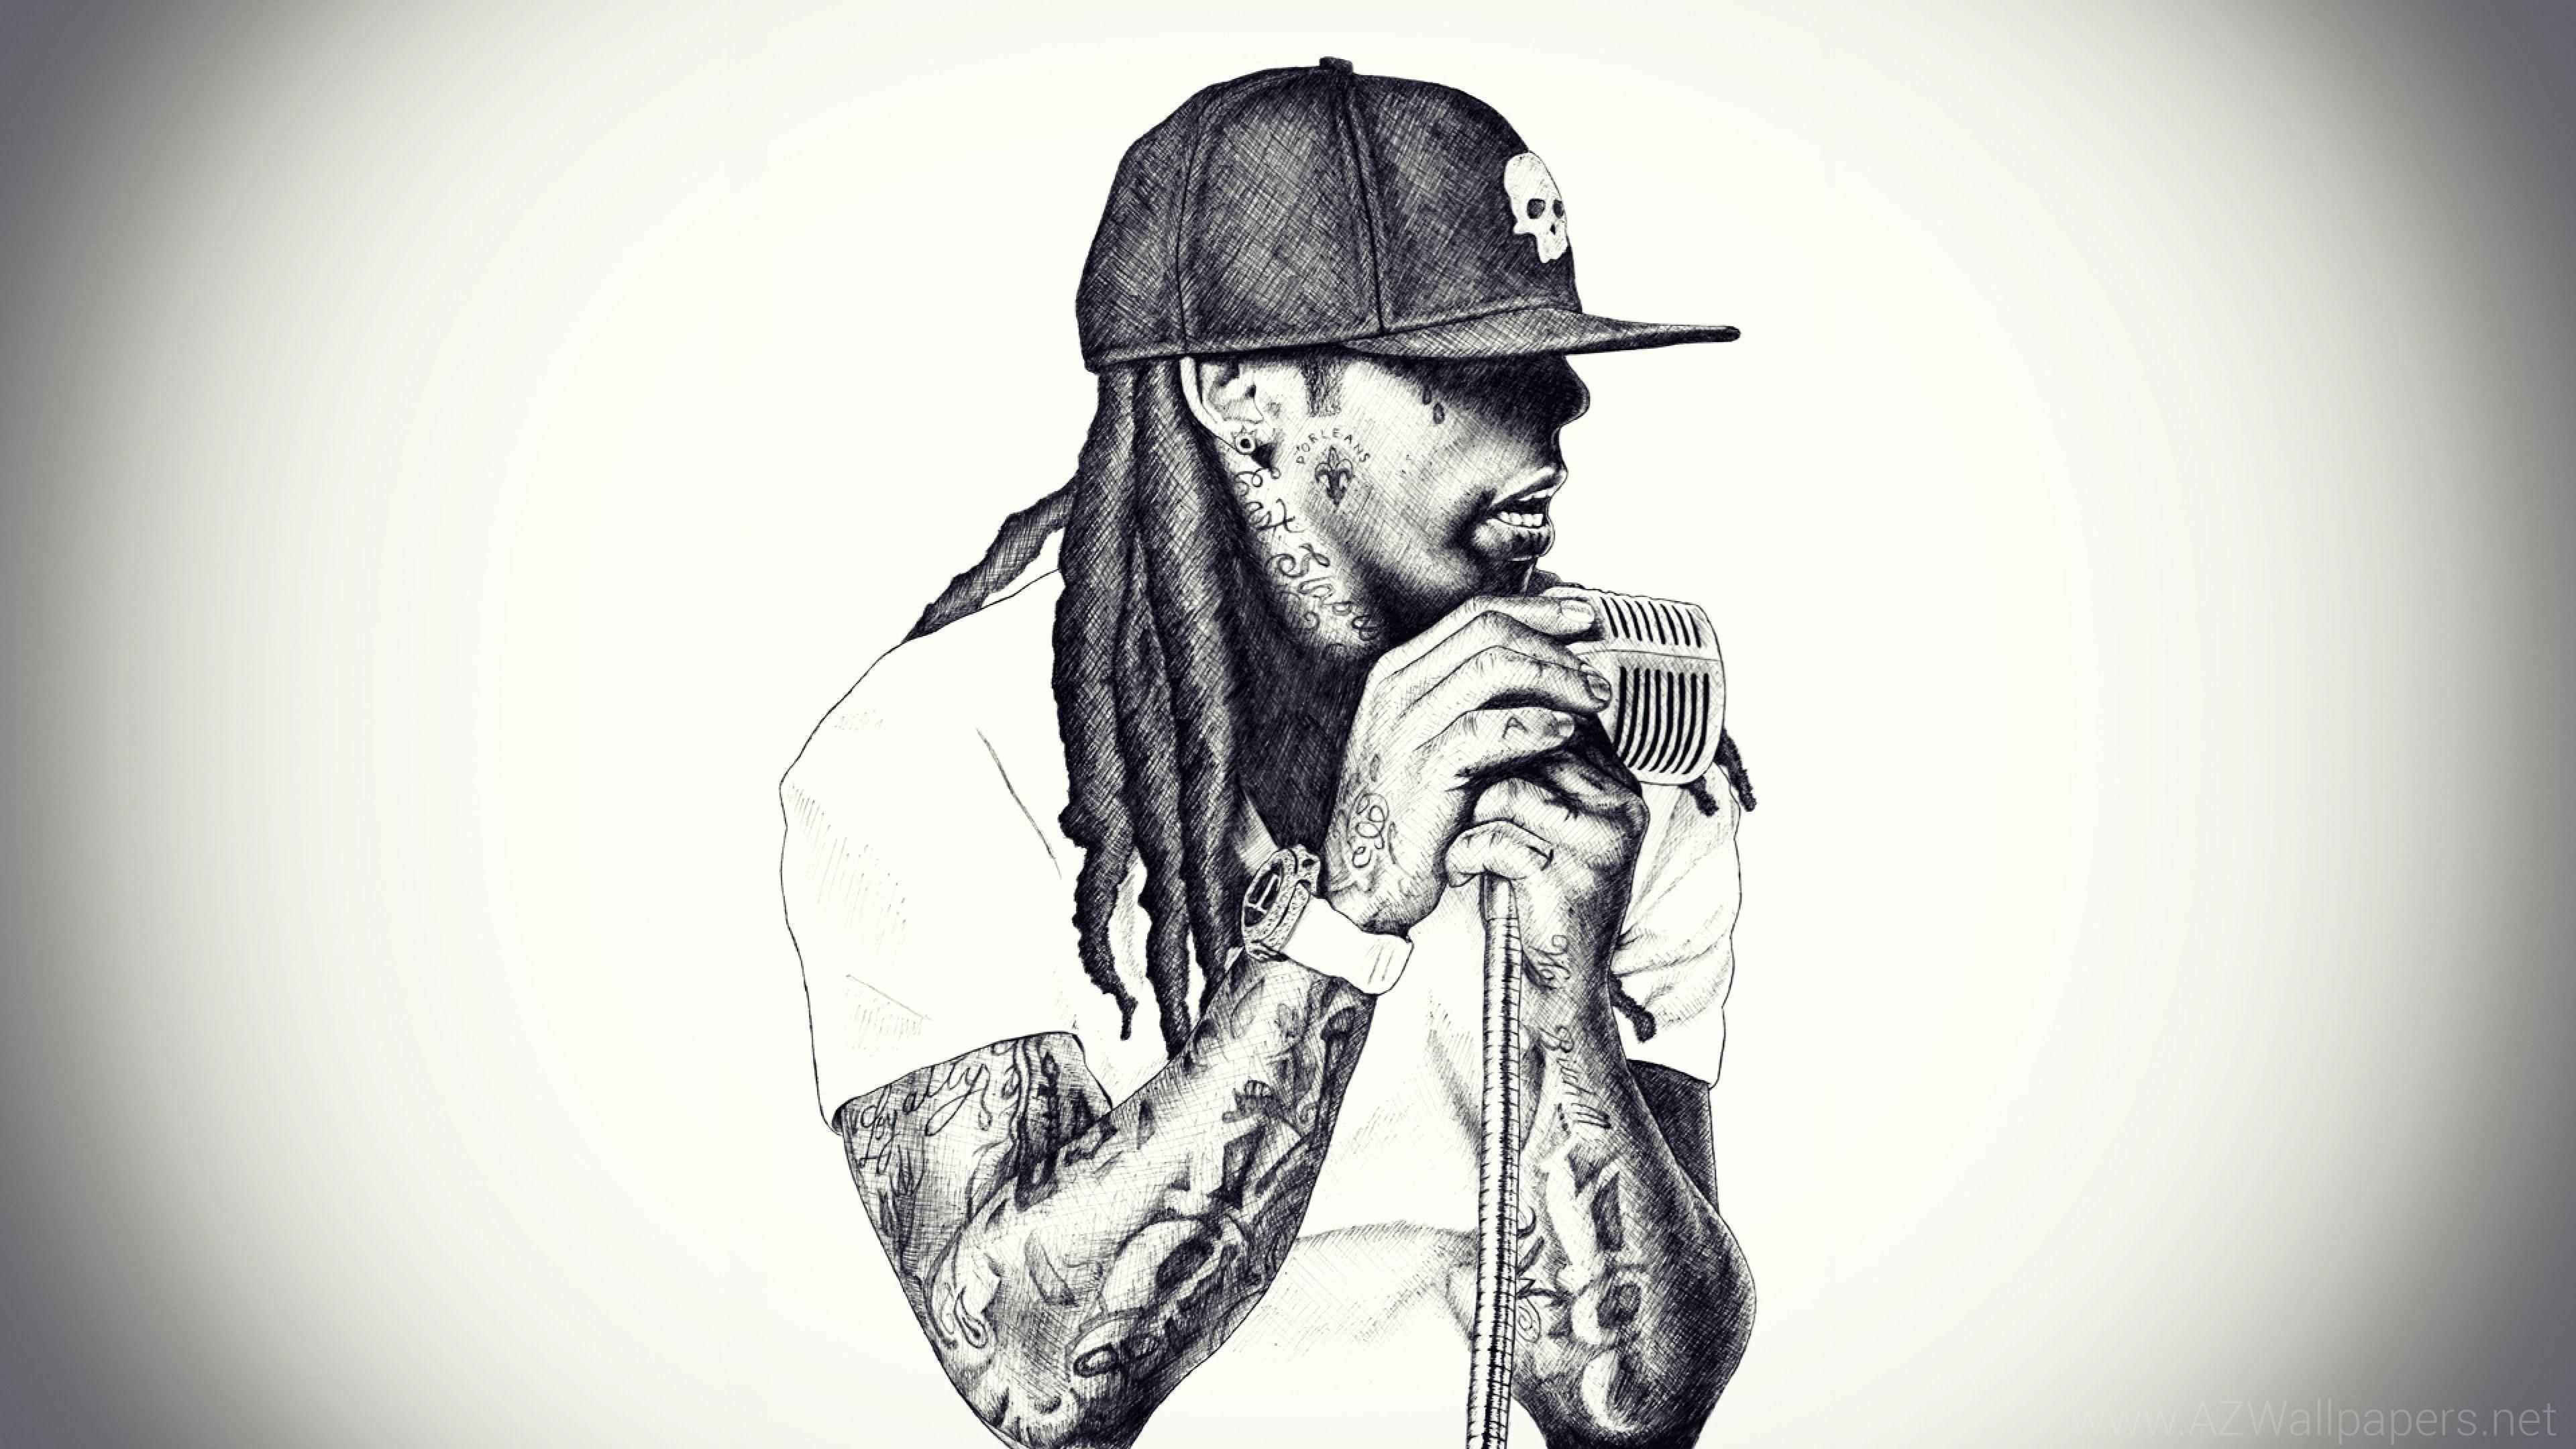 Res: 3840x2160,  Rap Rapper Hip Hop Urban Gangsta Wallpapers